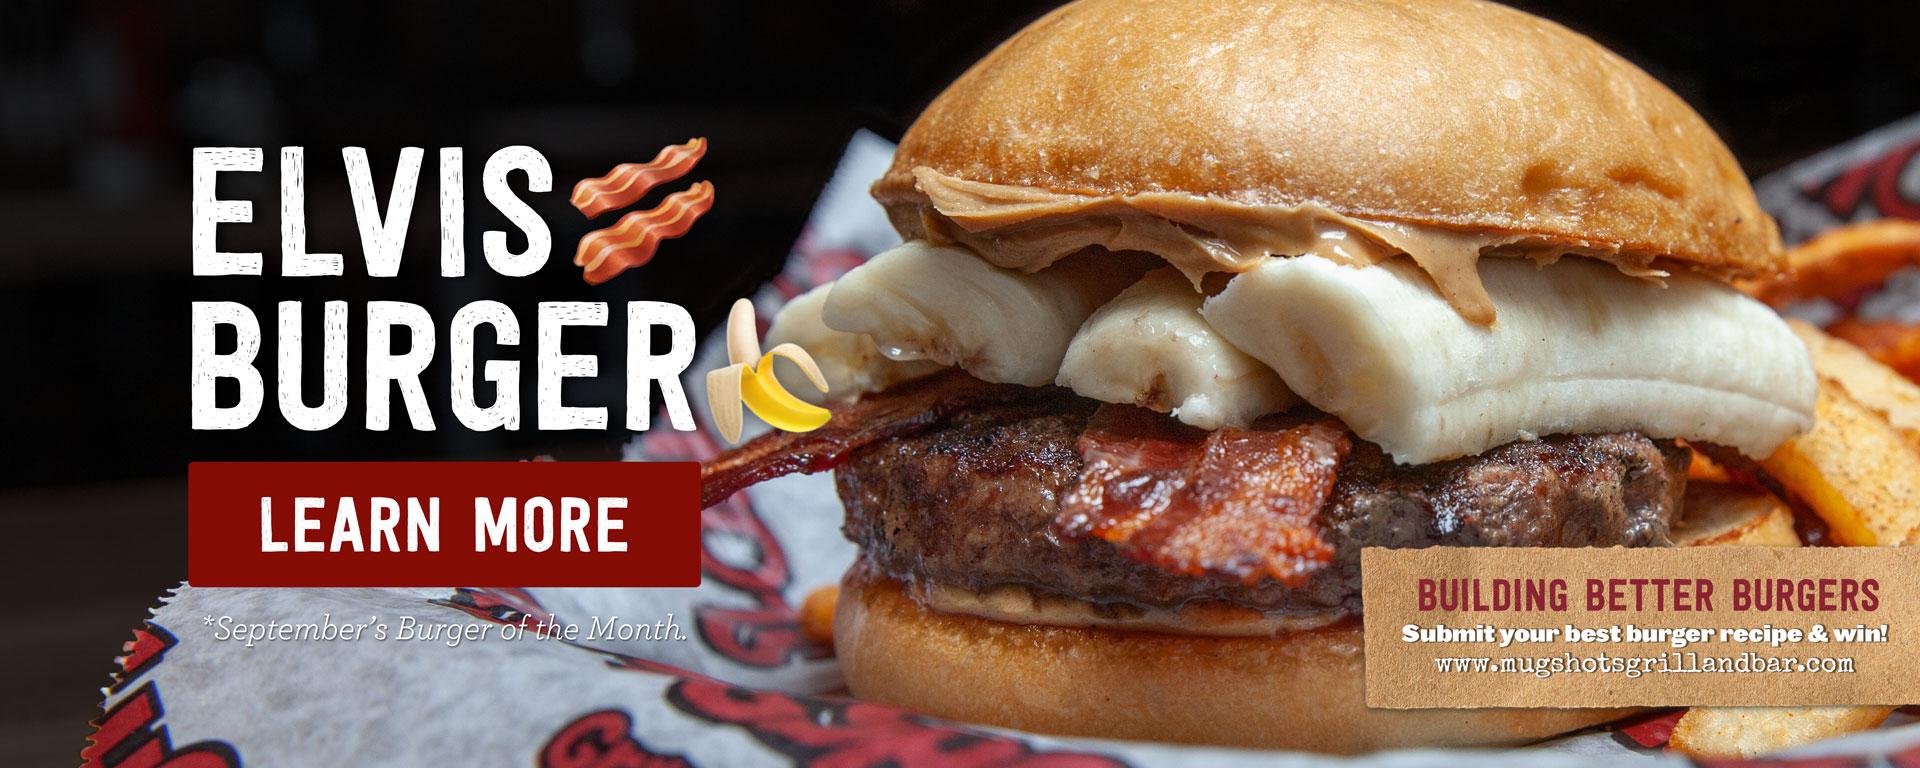 elvis-burger-2.jpg